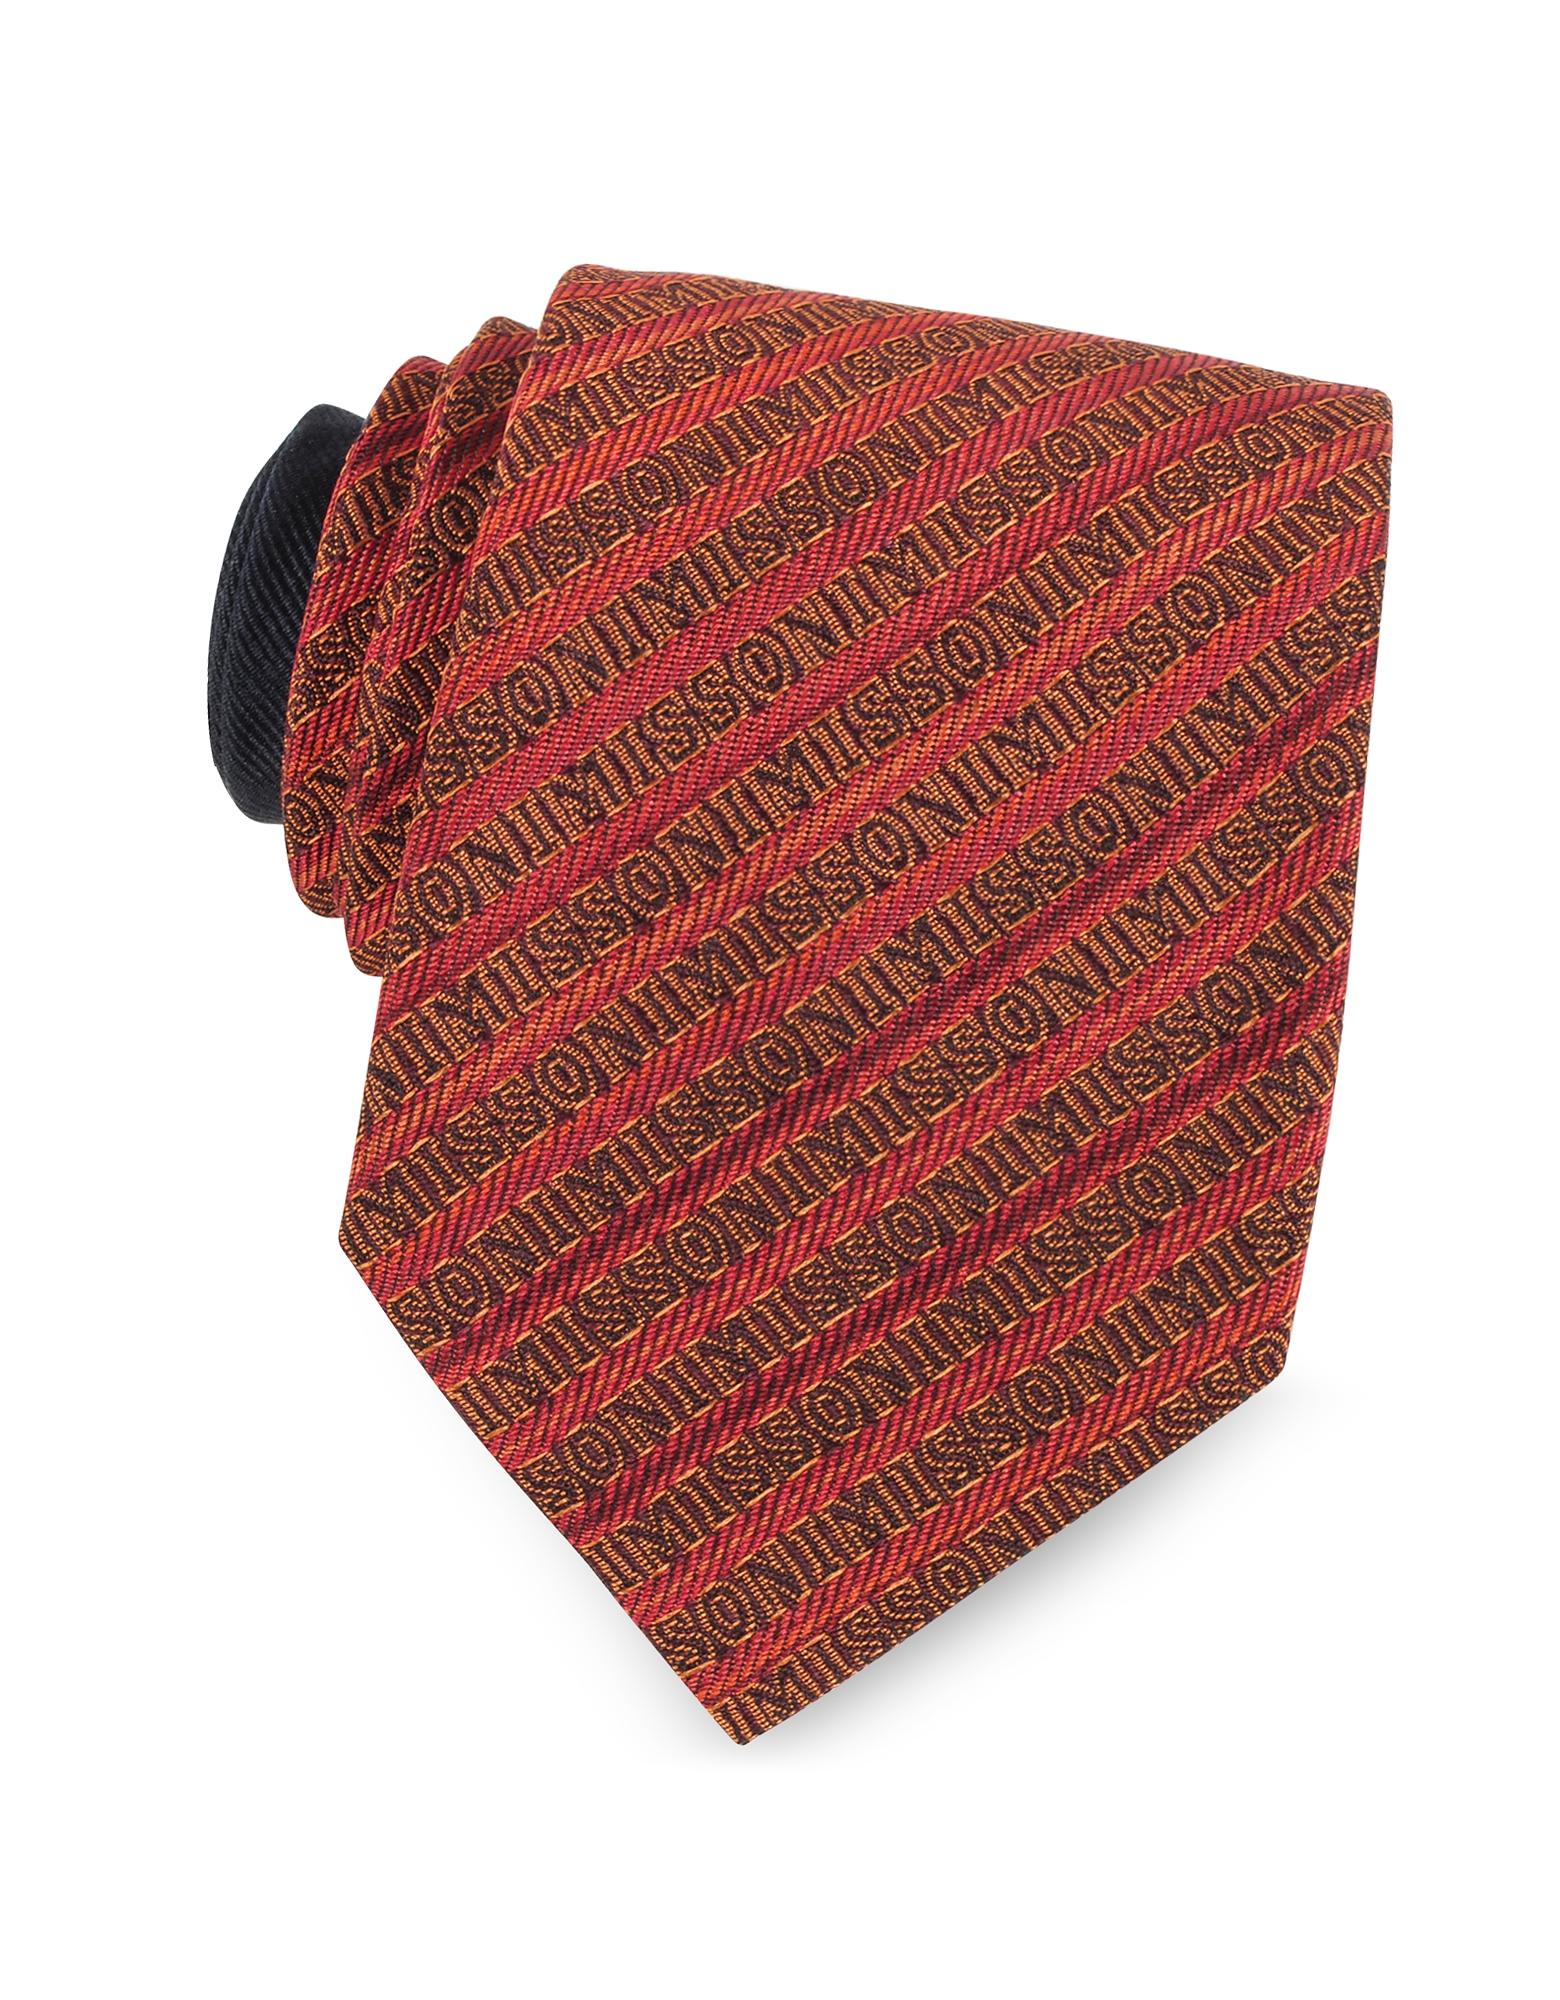 Узкий Галстук из Текстурного Шелка с Фирменными Диагональными Полосками Красного и Оранжевого Цветов